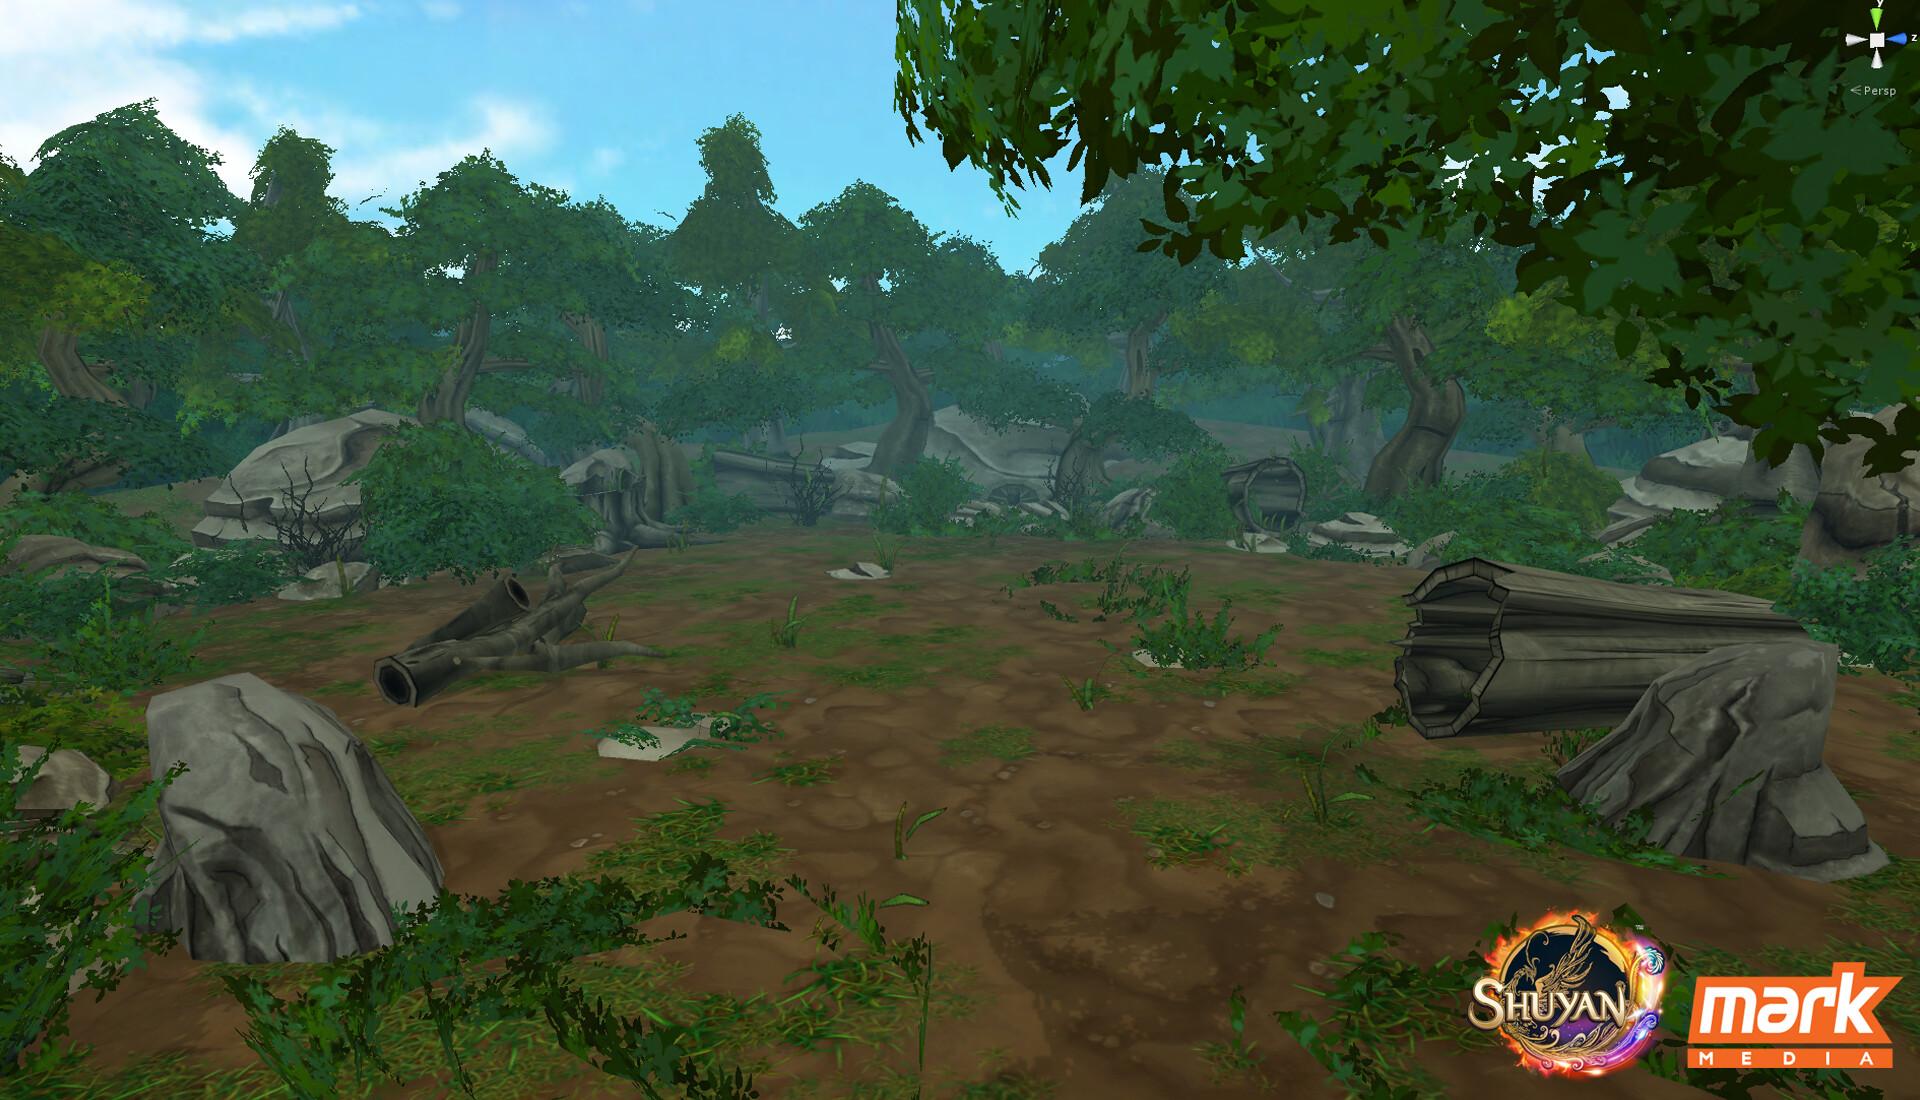 Pallavi maruvada forest 01